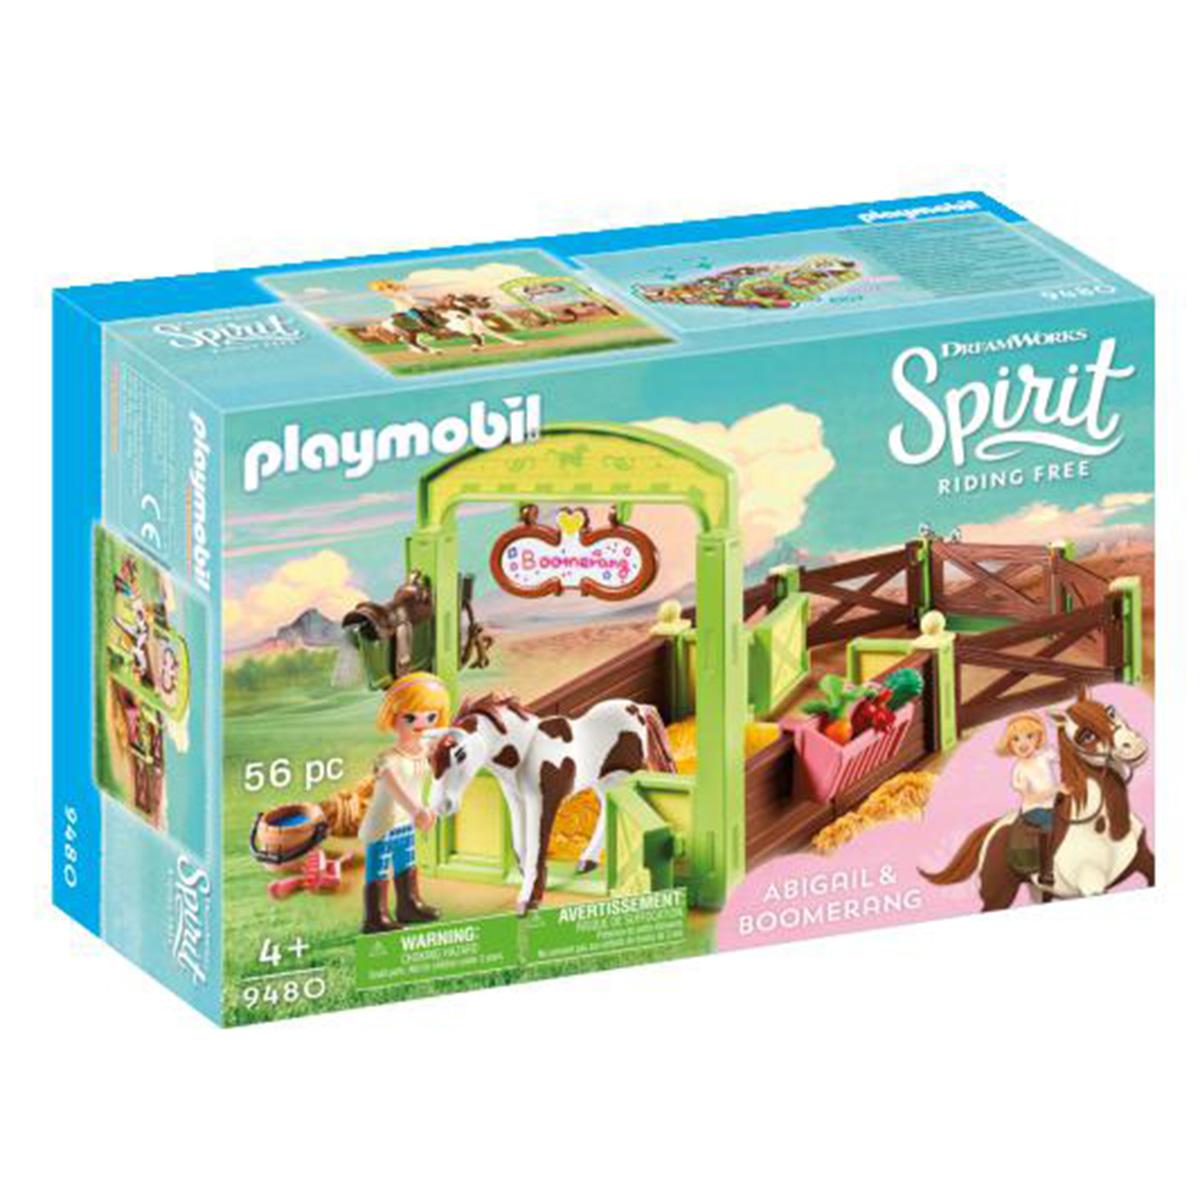 Billede af Playmobil Hesteboks Abigail & Boomerang